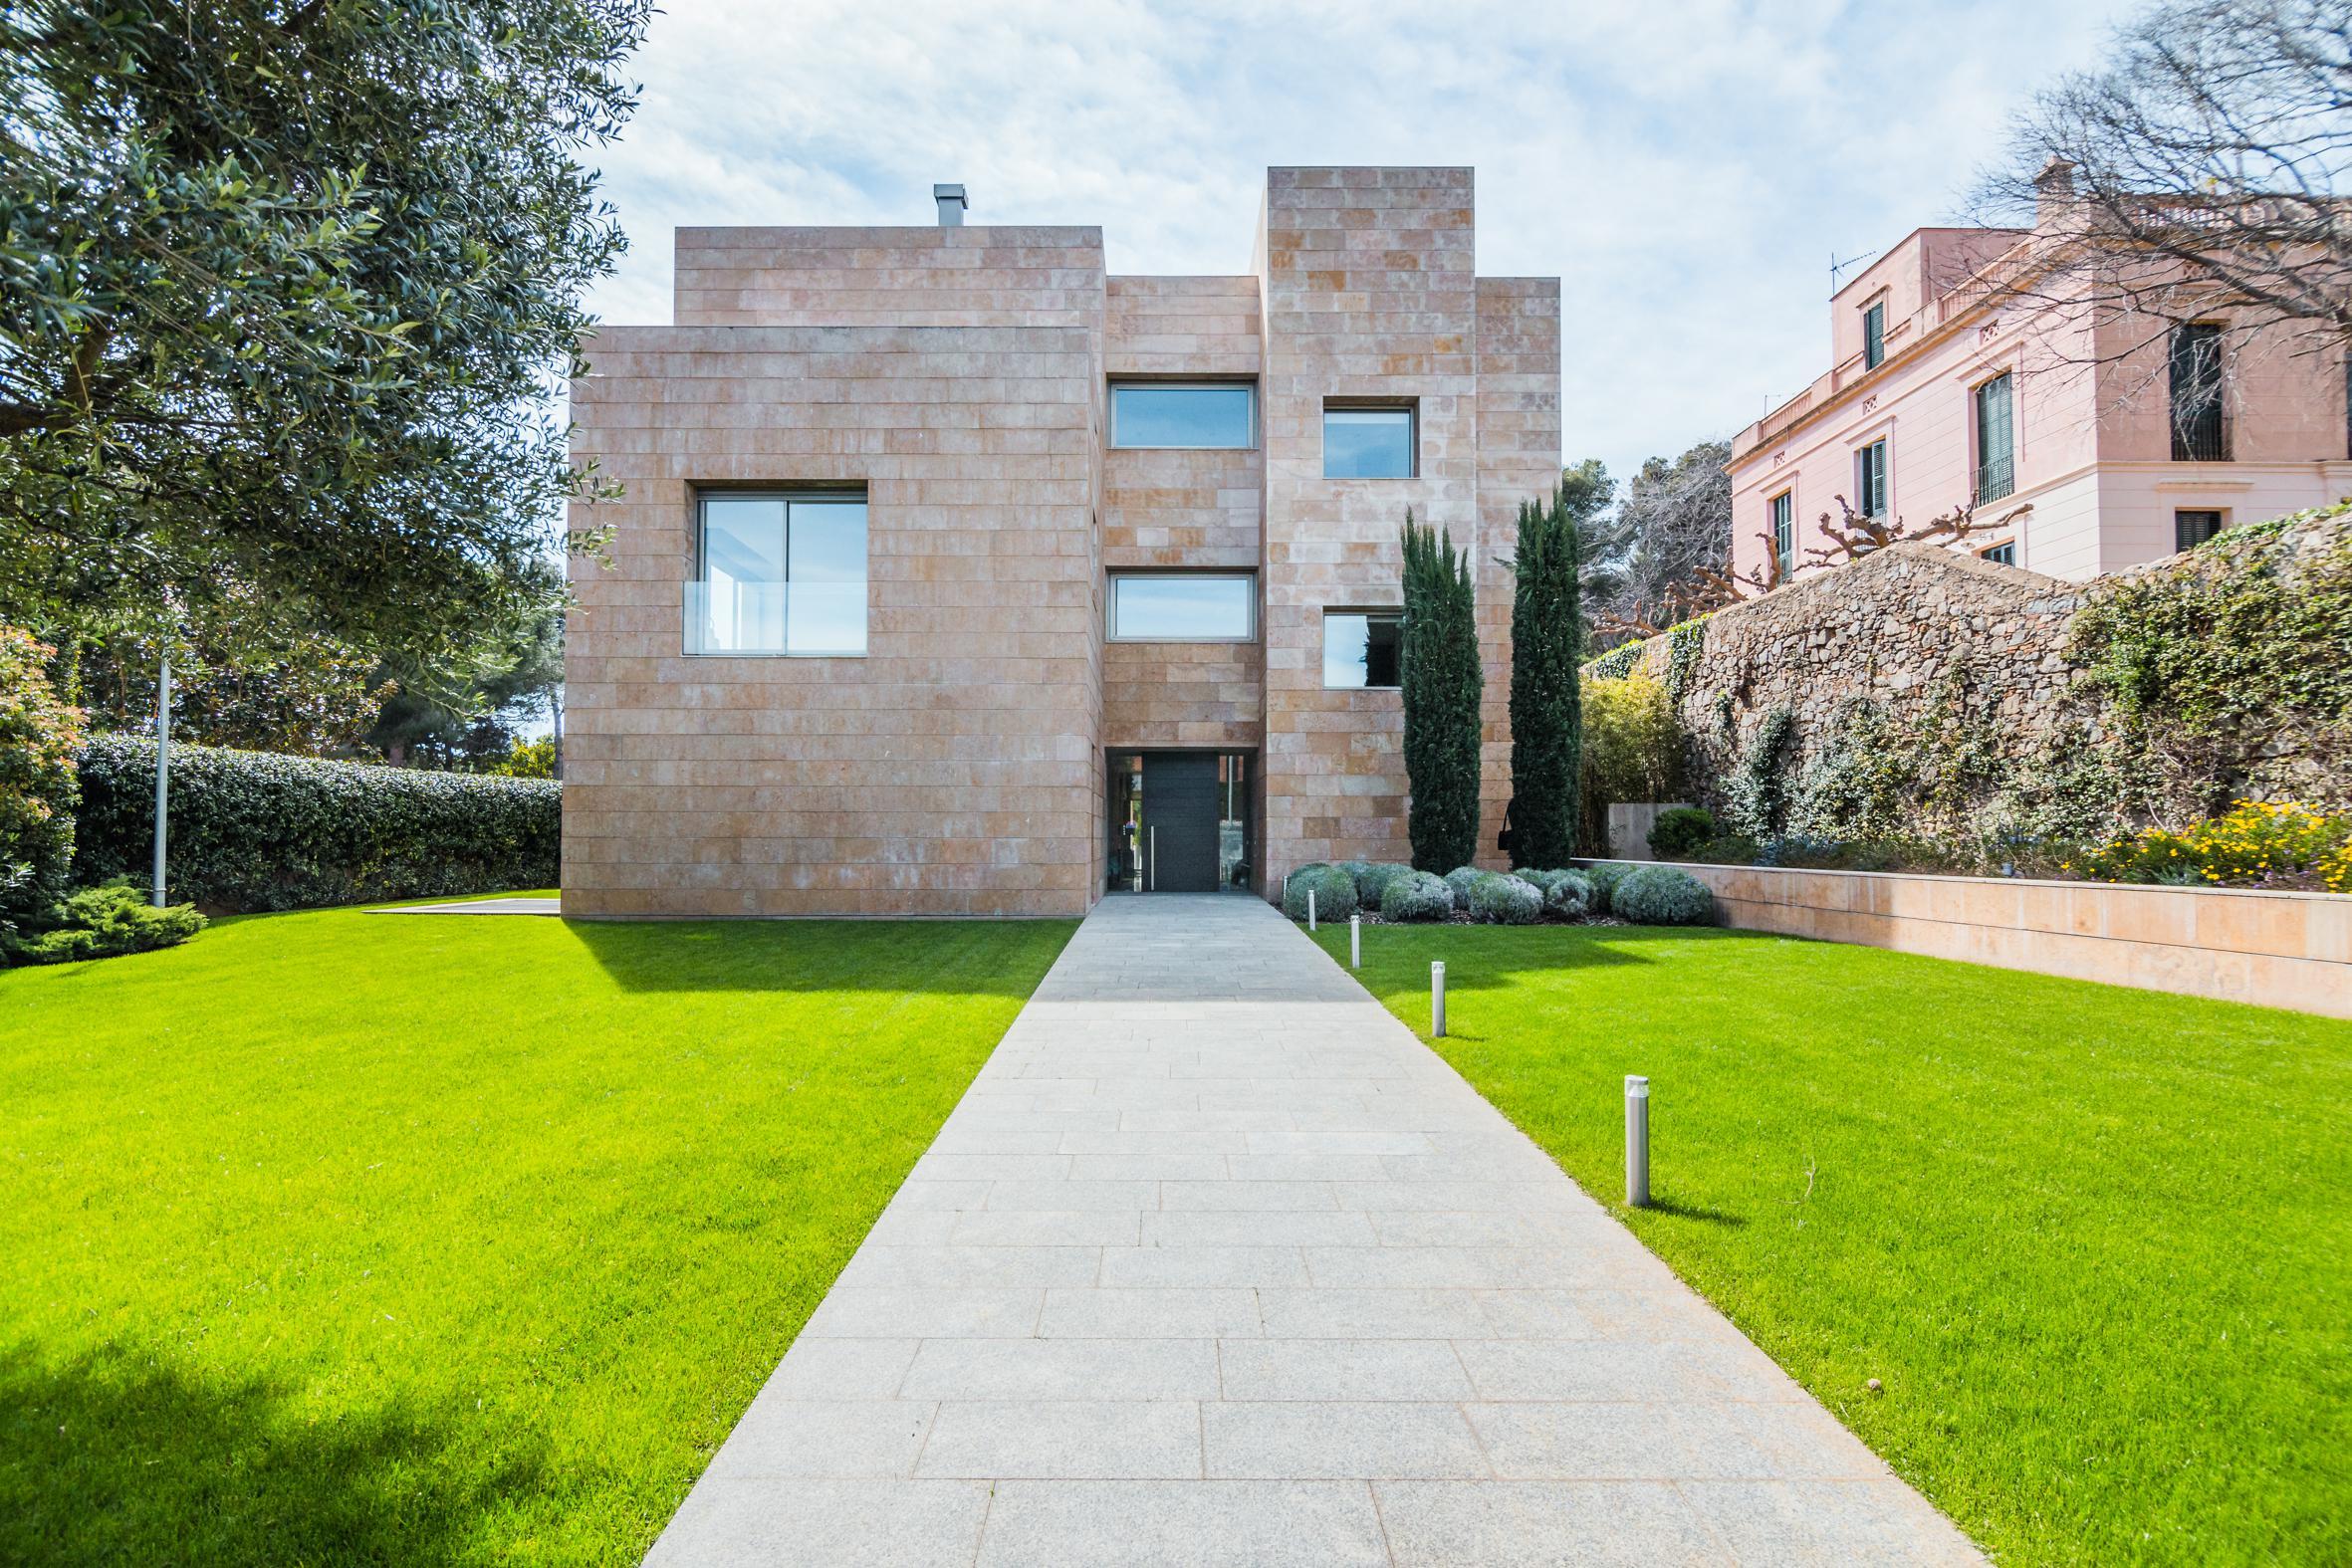 Uma Das Casas Mais Incriveis De Barcelona Esta A Venda Por 10 Milhoes De Euros Idealista News